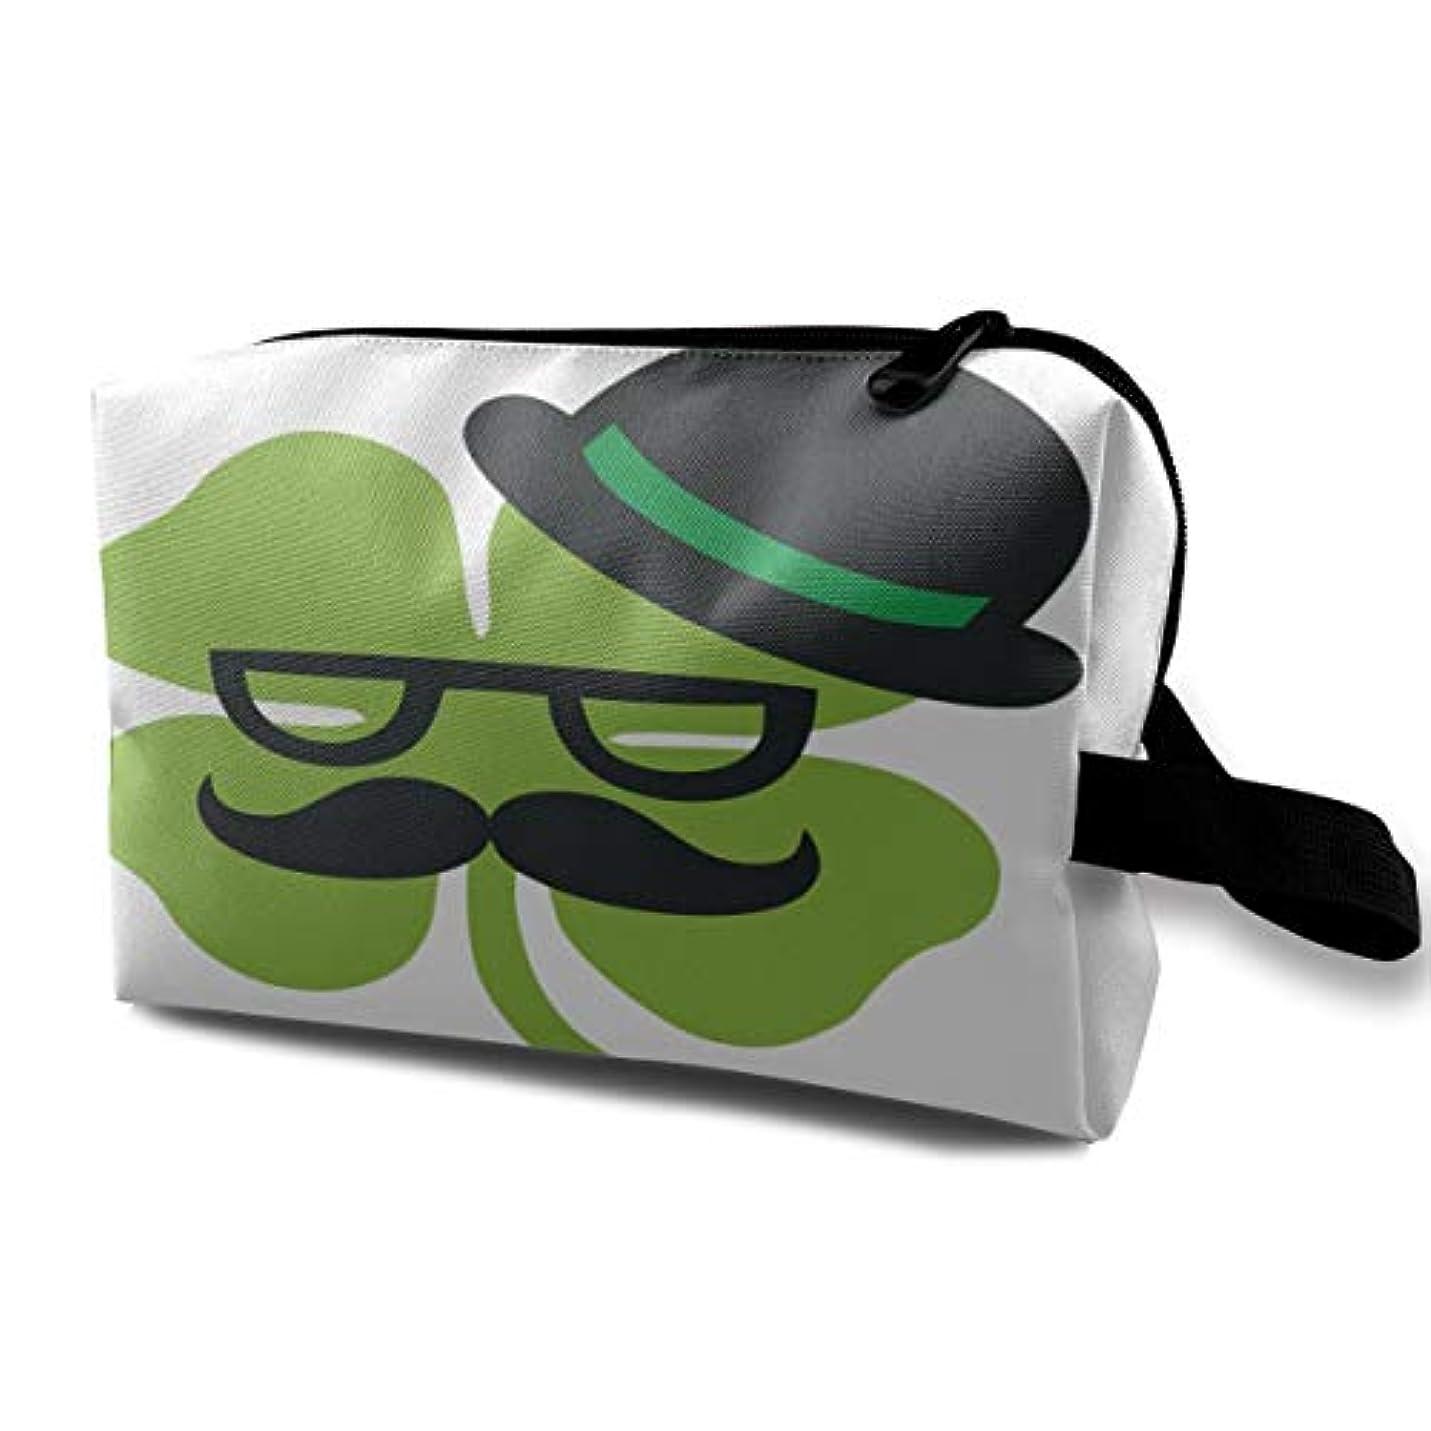 あなたが良くなります延ばすオンスClover With Glasses Wear Hat 収納ポーチ 化粧ポーチ 大容量 軽量 耐久性 ハンドル付持ち運び便利。入れ 自宅?出張?旅行?アウトドア撮影などに対応。メンズ レディース トラベルグッズ